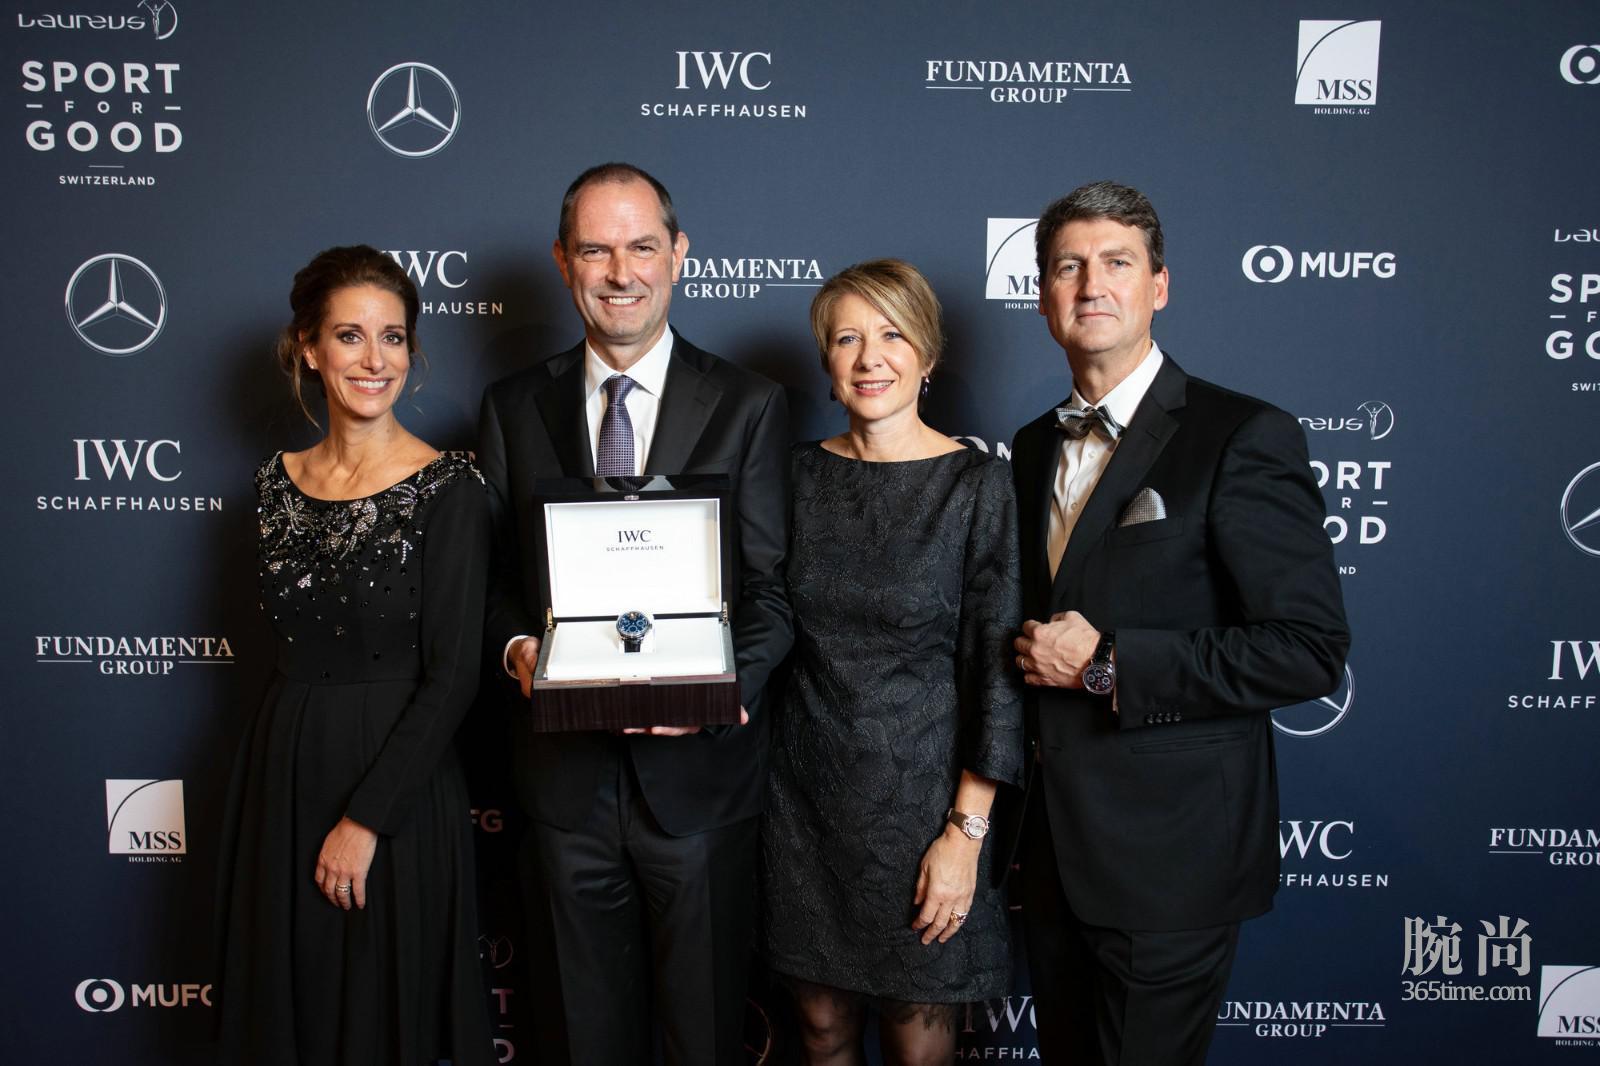 IWC万国表首席营销官Franziska Gsell(左一)和IWC万国表瑞士董事总经理、瑞士劳伦斯公益基金会理事会成员Linus Fuchs(右一)以及竞拍者_1.jpg